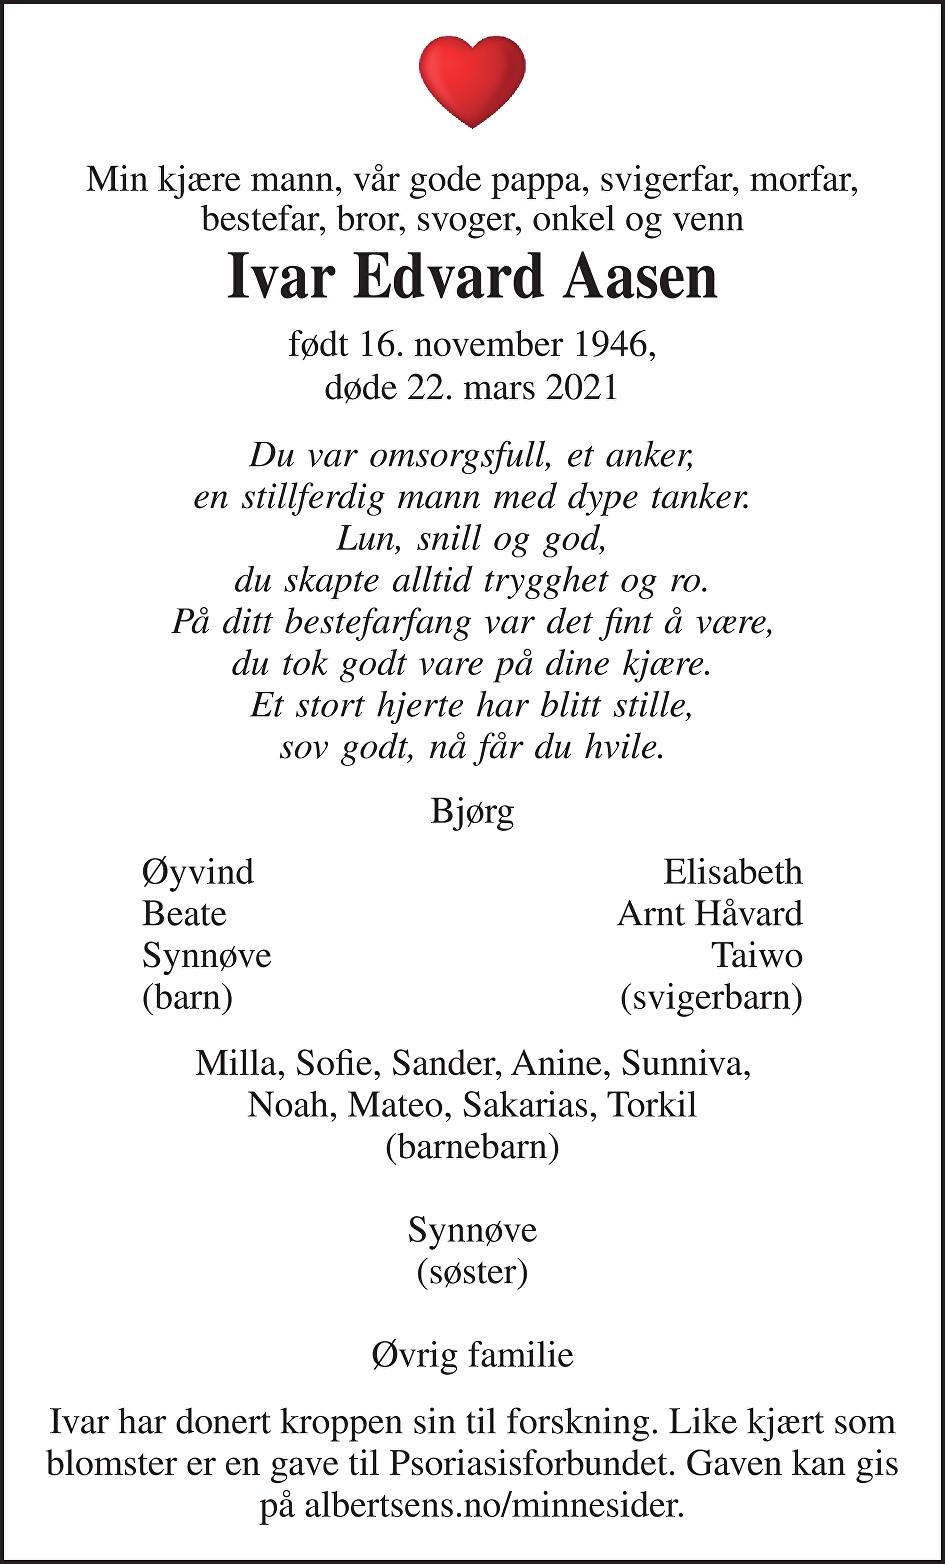 Ivar Edvard Aasen Dødsannonse